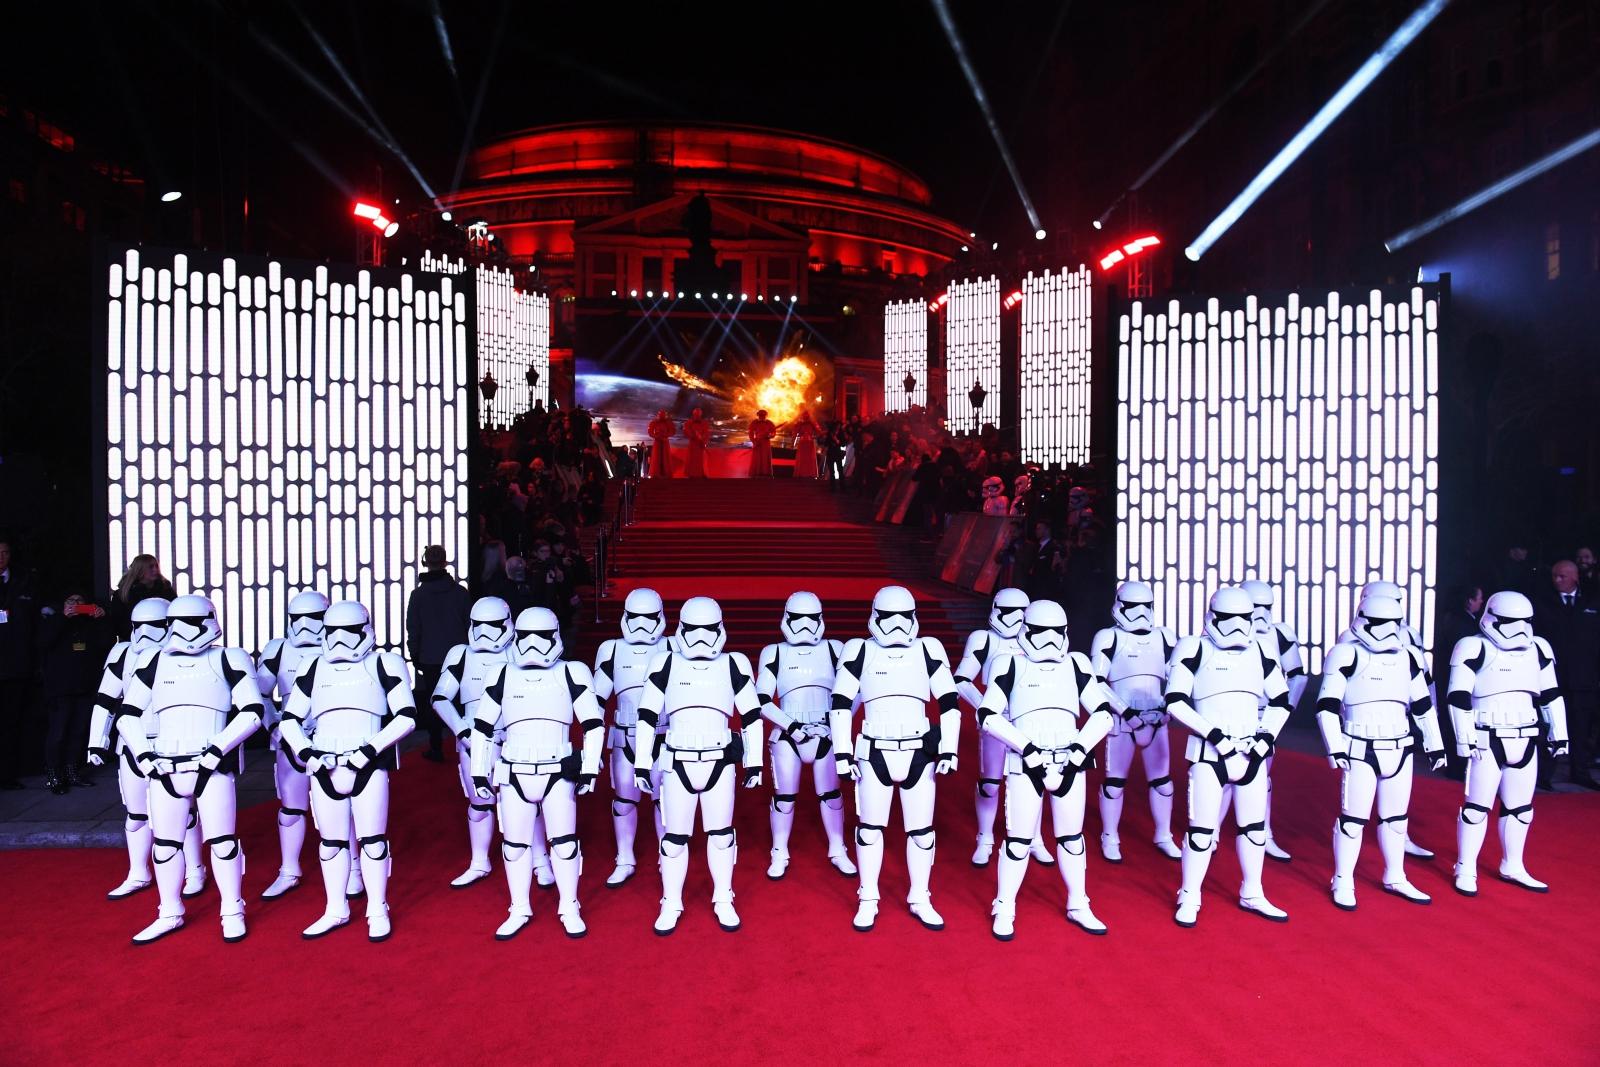 Aktorzy ubrani w stroje szturmowców podczas premiery najnowszej części